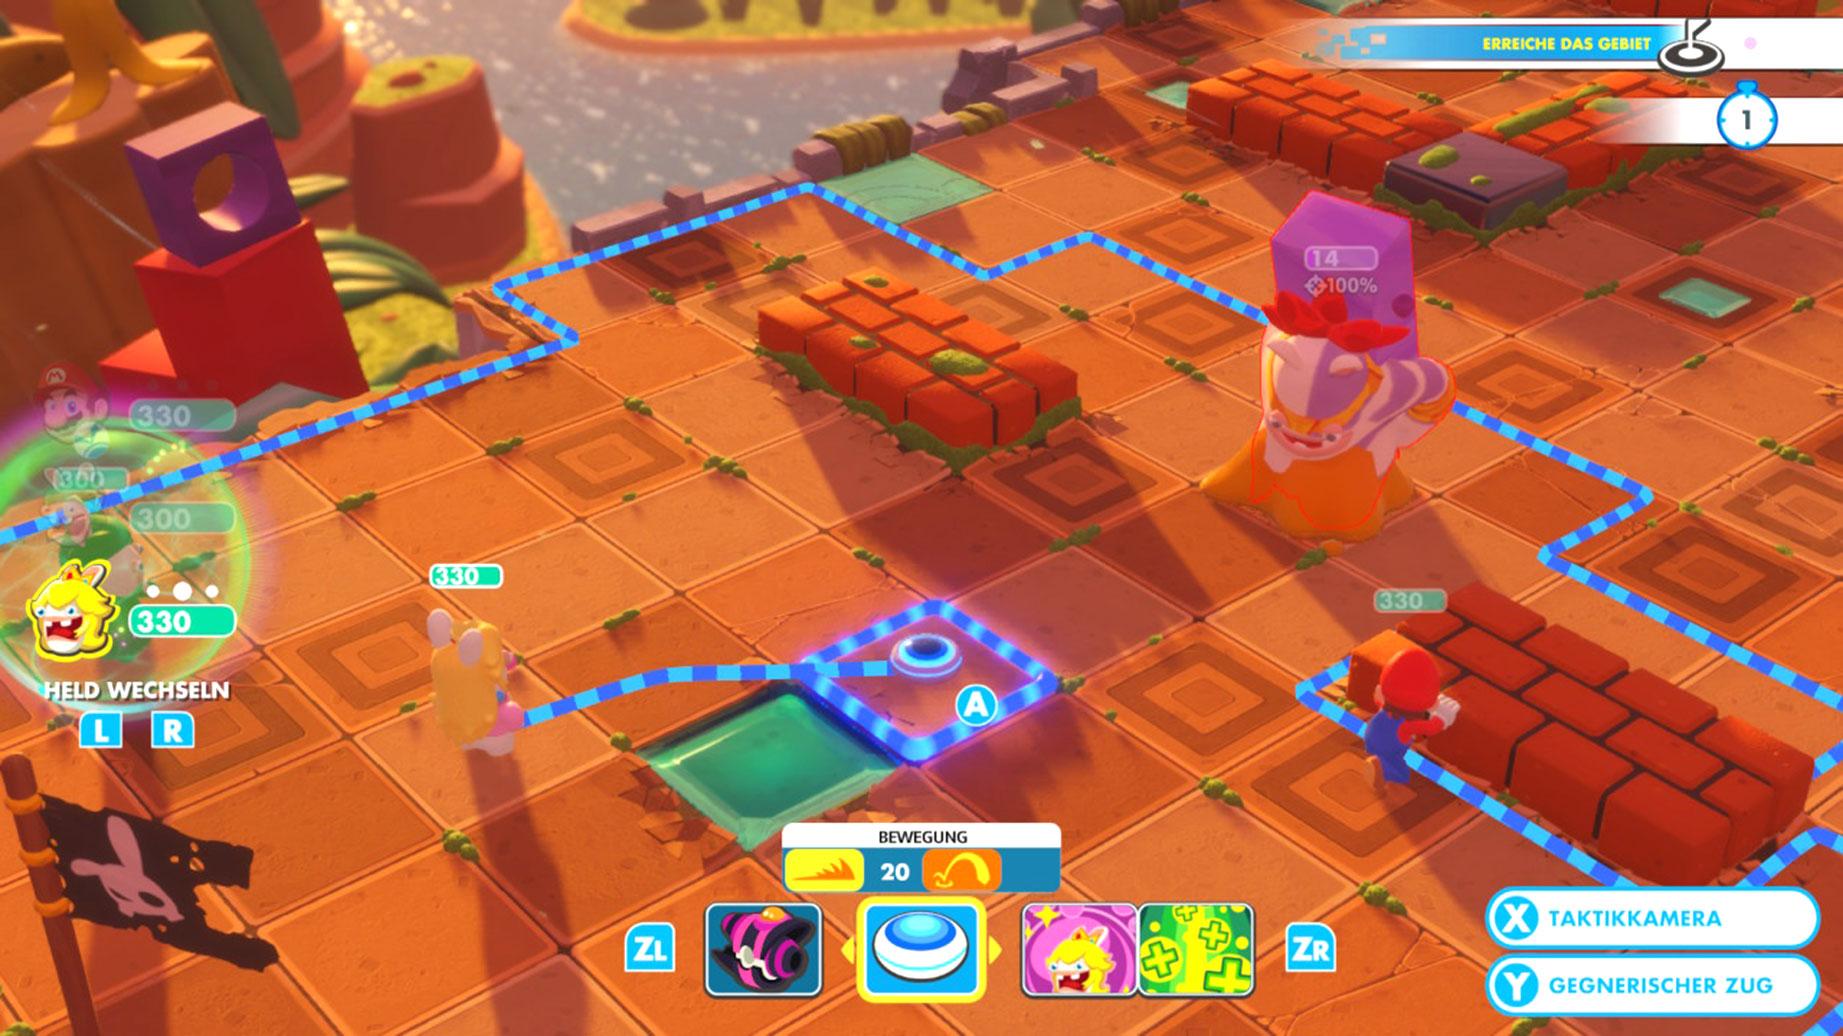 """Und noch ein Switch-Spiel auf den vorderen Plätzen: Ubisofts """"Mario & Rabbids: Kingdom Battle"""" als """"bestes Strategie- und Simulations-Game""""."""